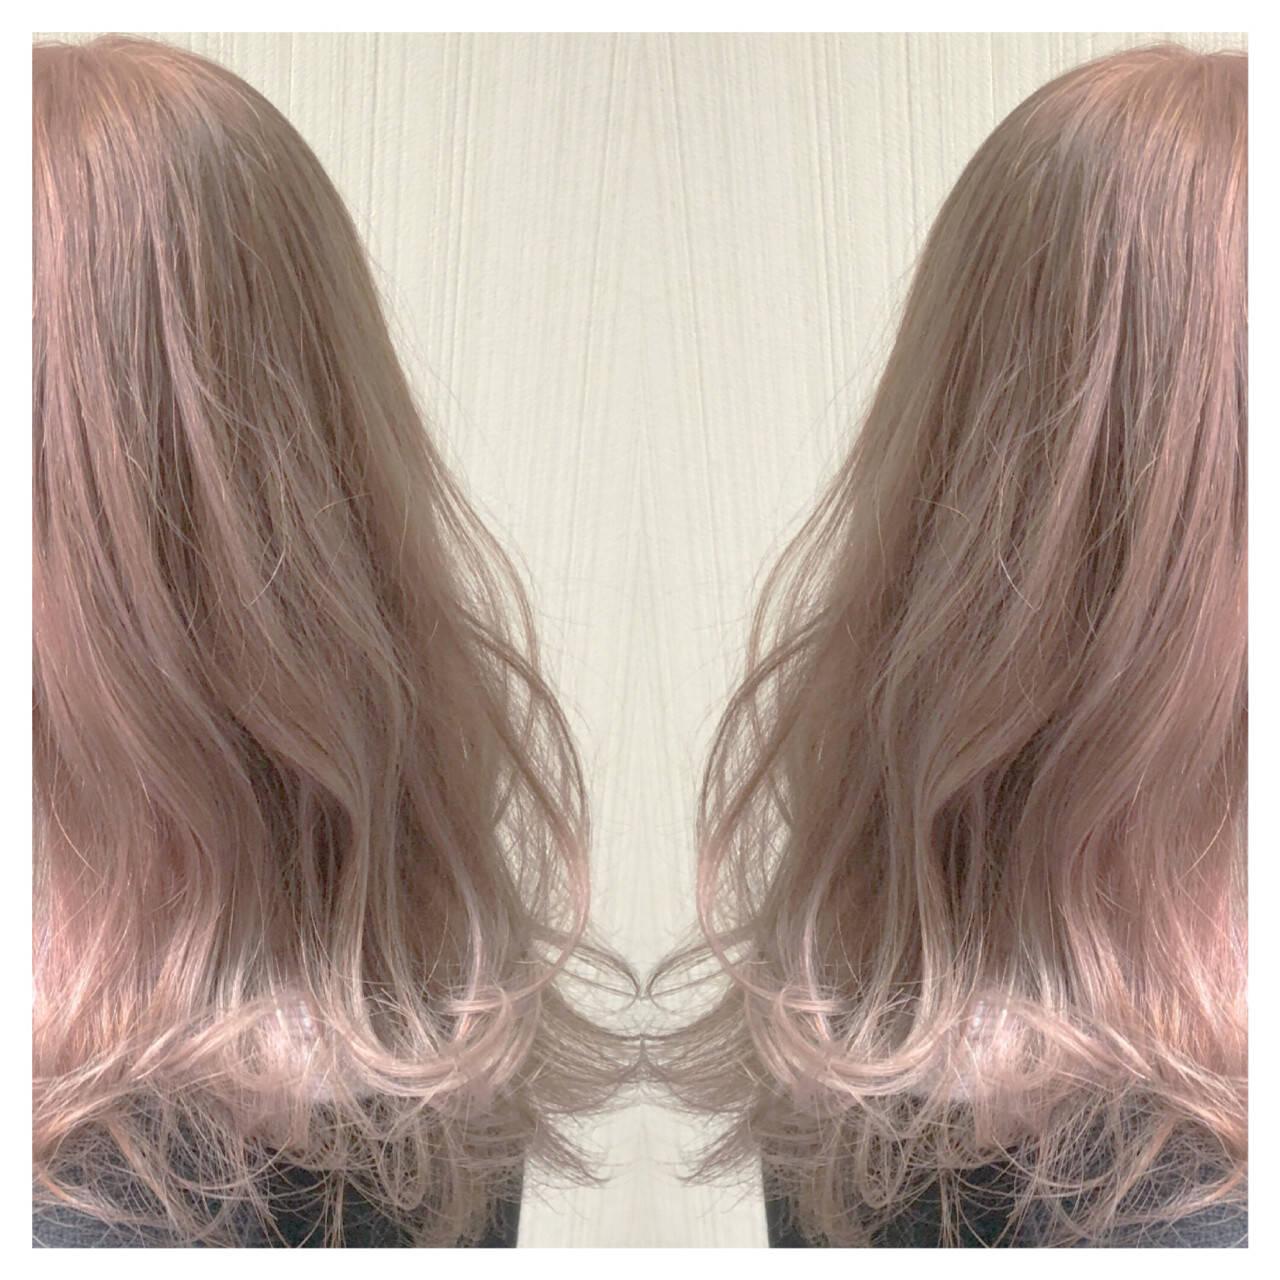 アンニュイほつれヘア ピンクベージュ セミロング 透明感カラーヘアスタイルや髪型の写真・画像